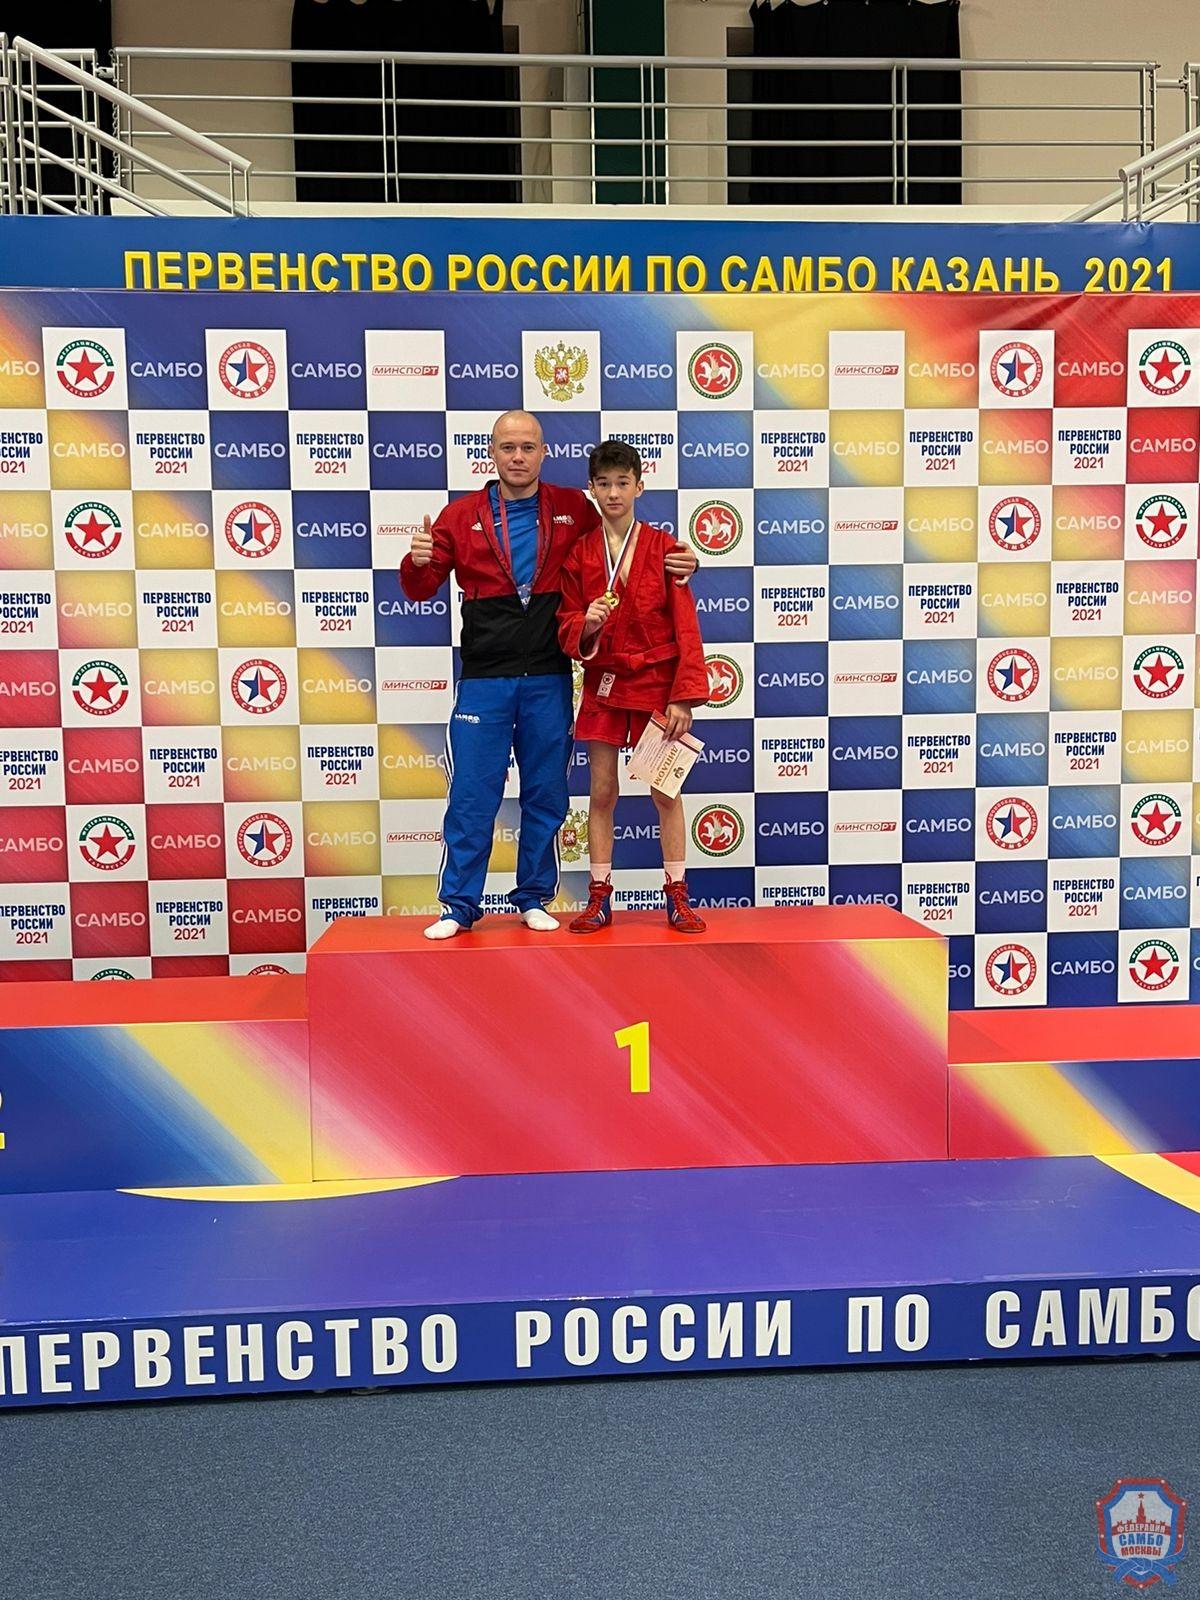 2 медали во второй день Первенства России по самбо в Казани